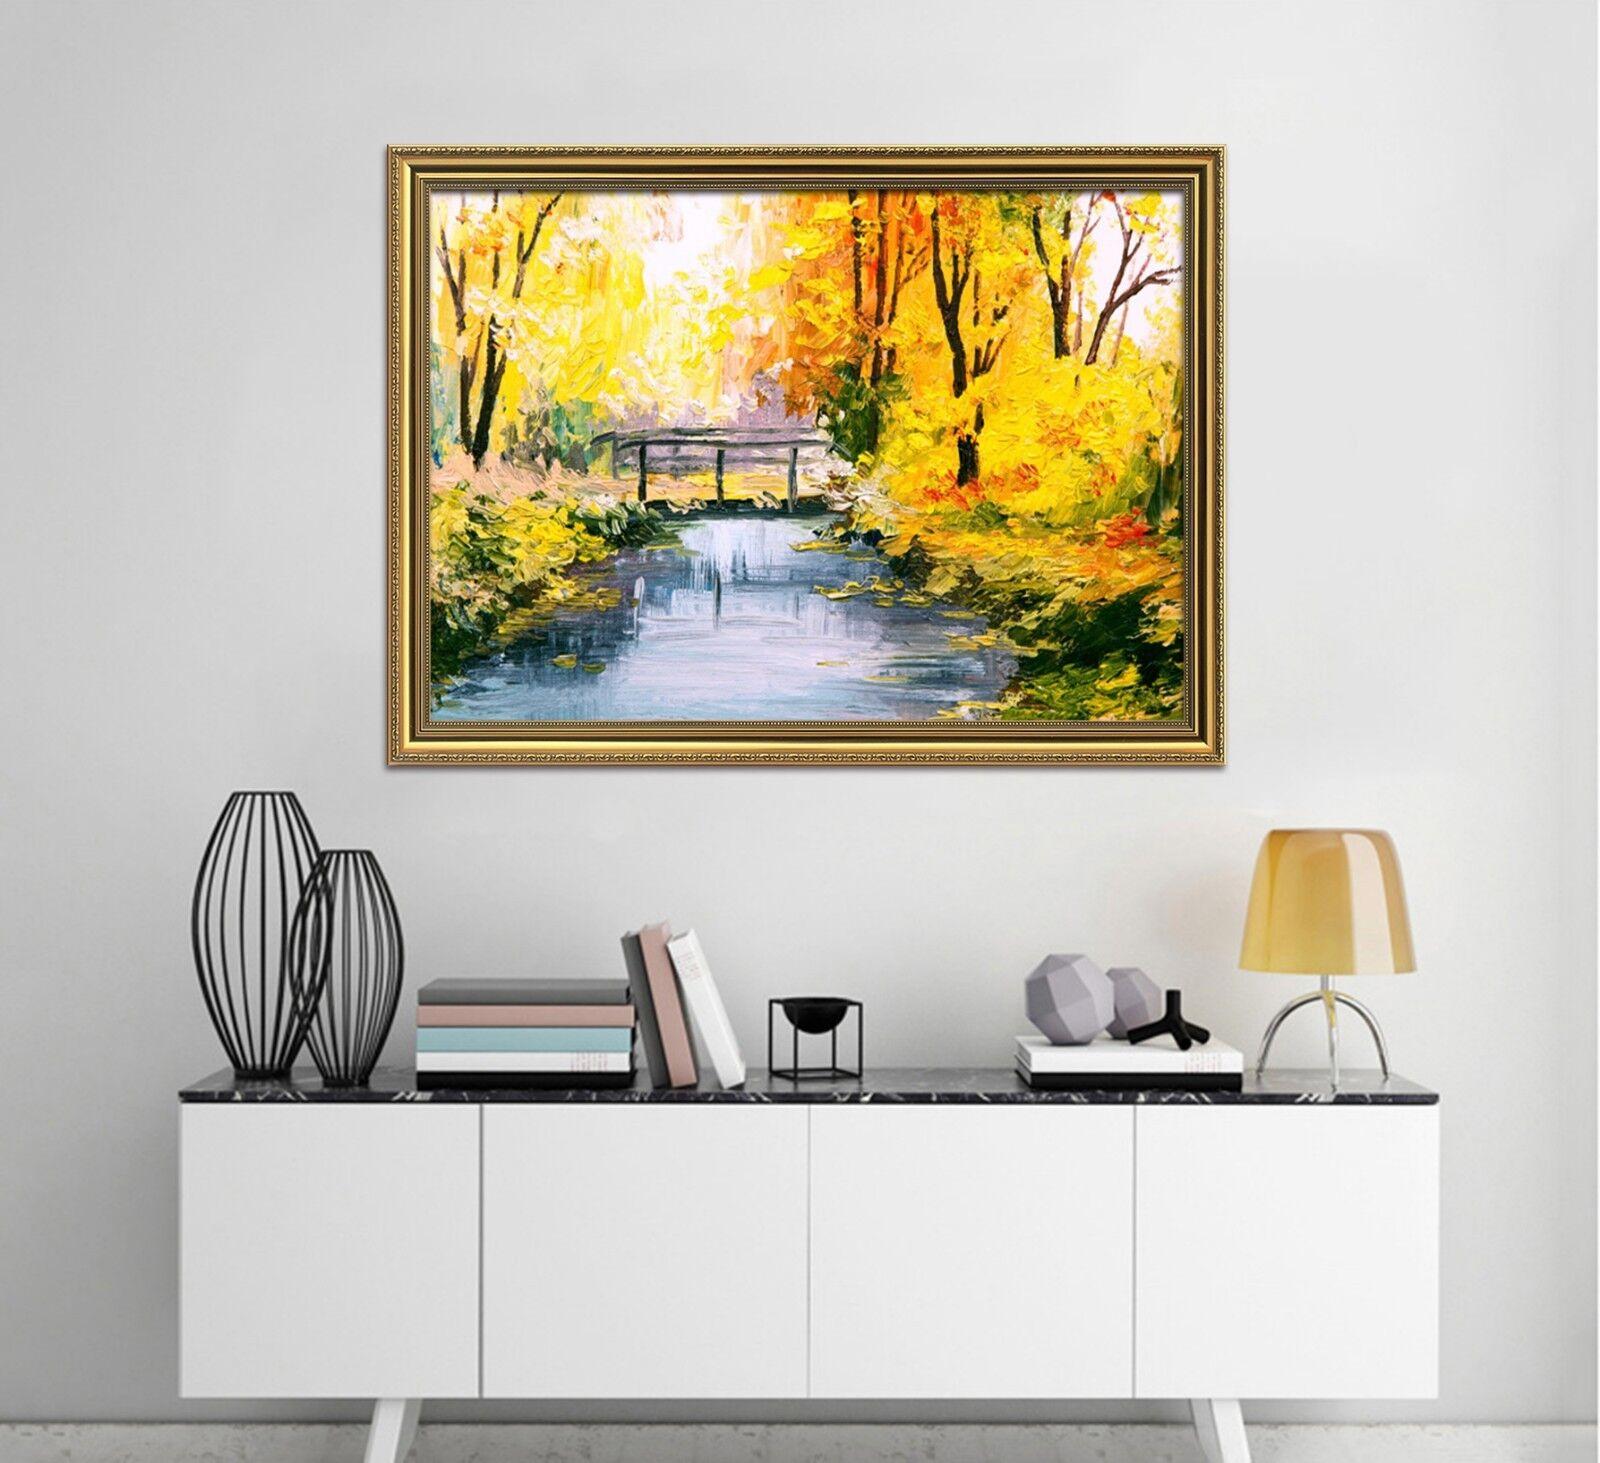 3D Woods Bridge 511 Framed Poster Home Decor Print Painting Art AJ WALLPAPER